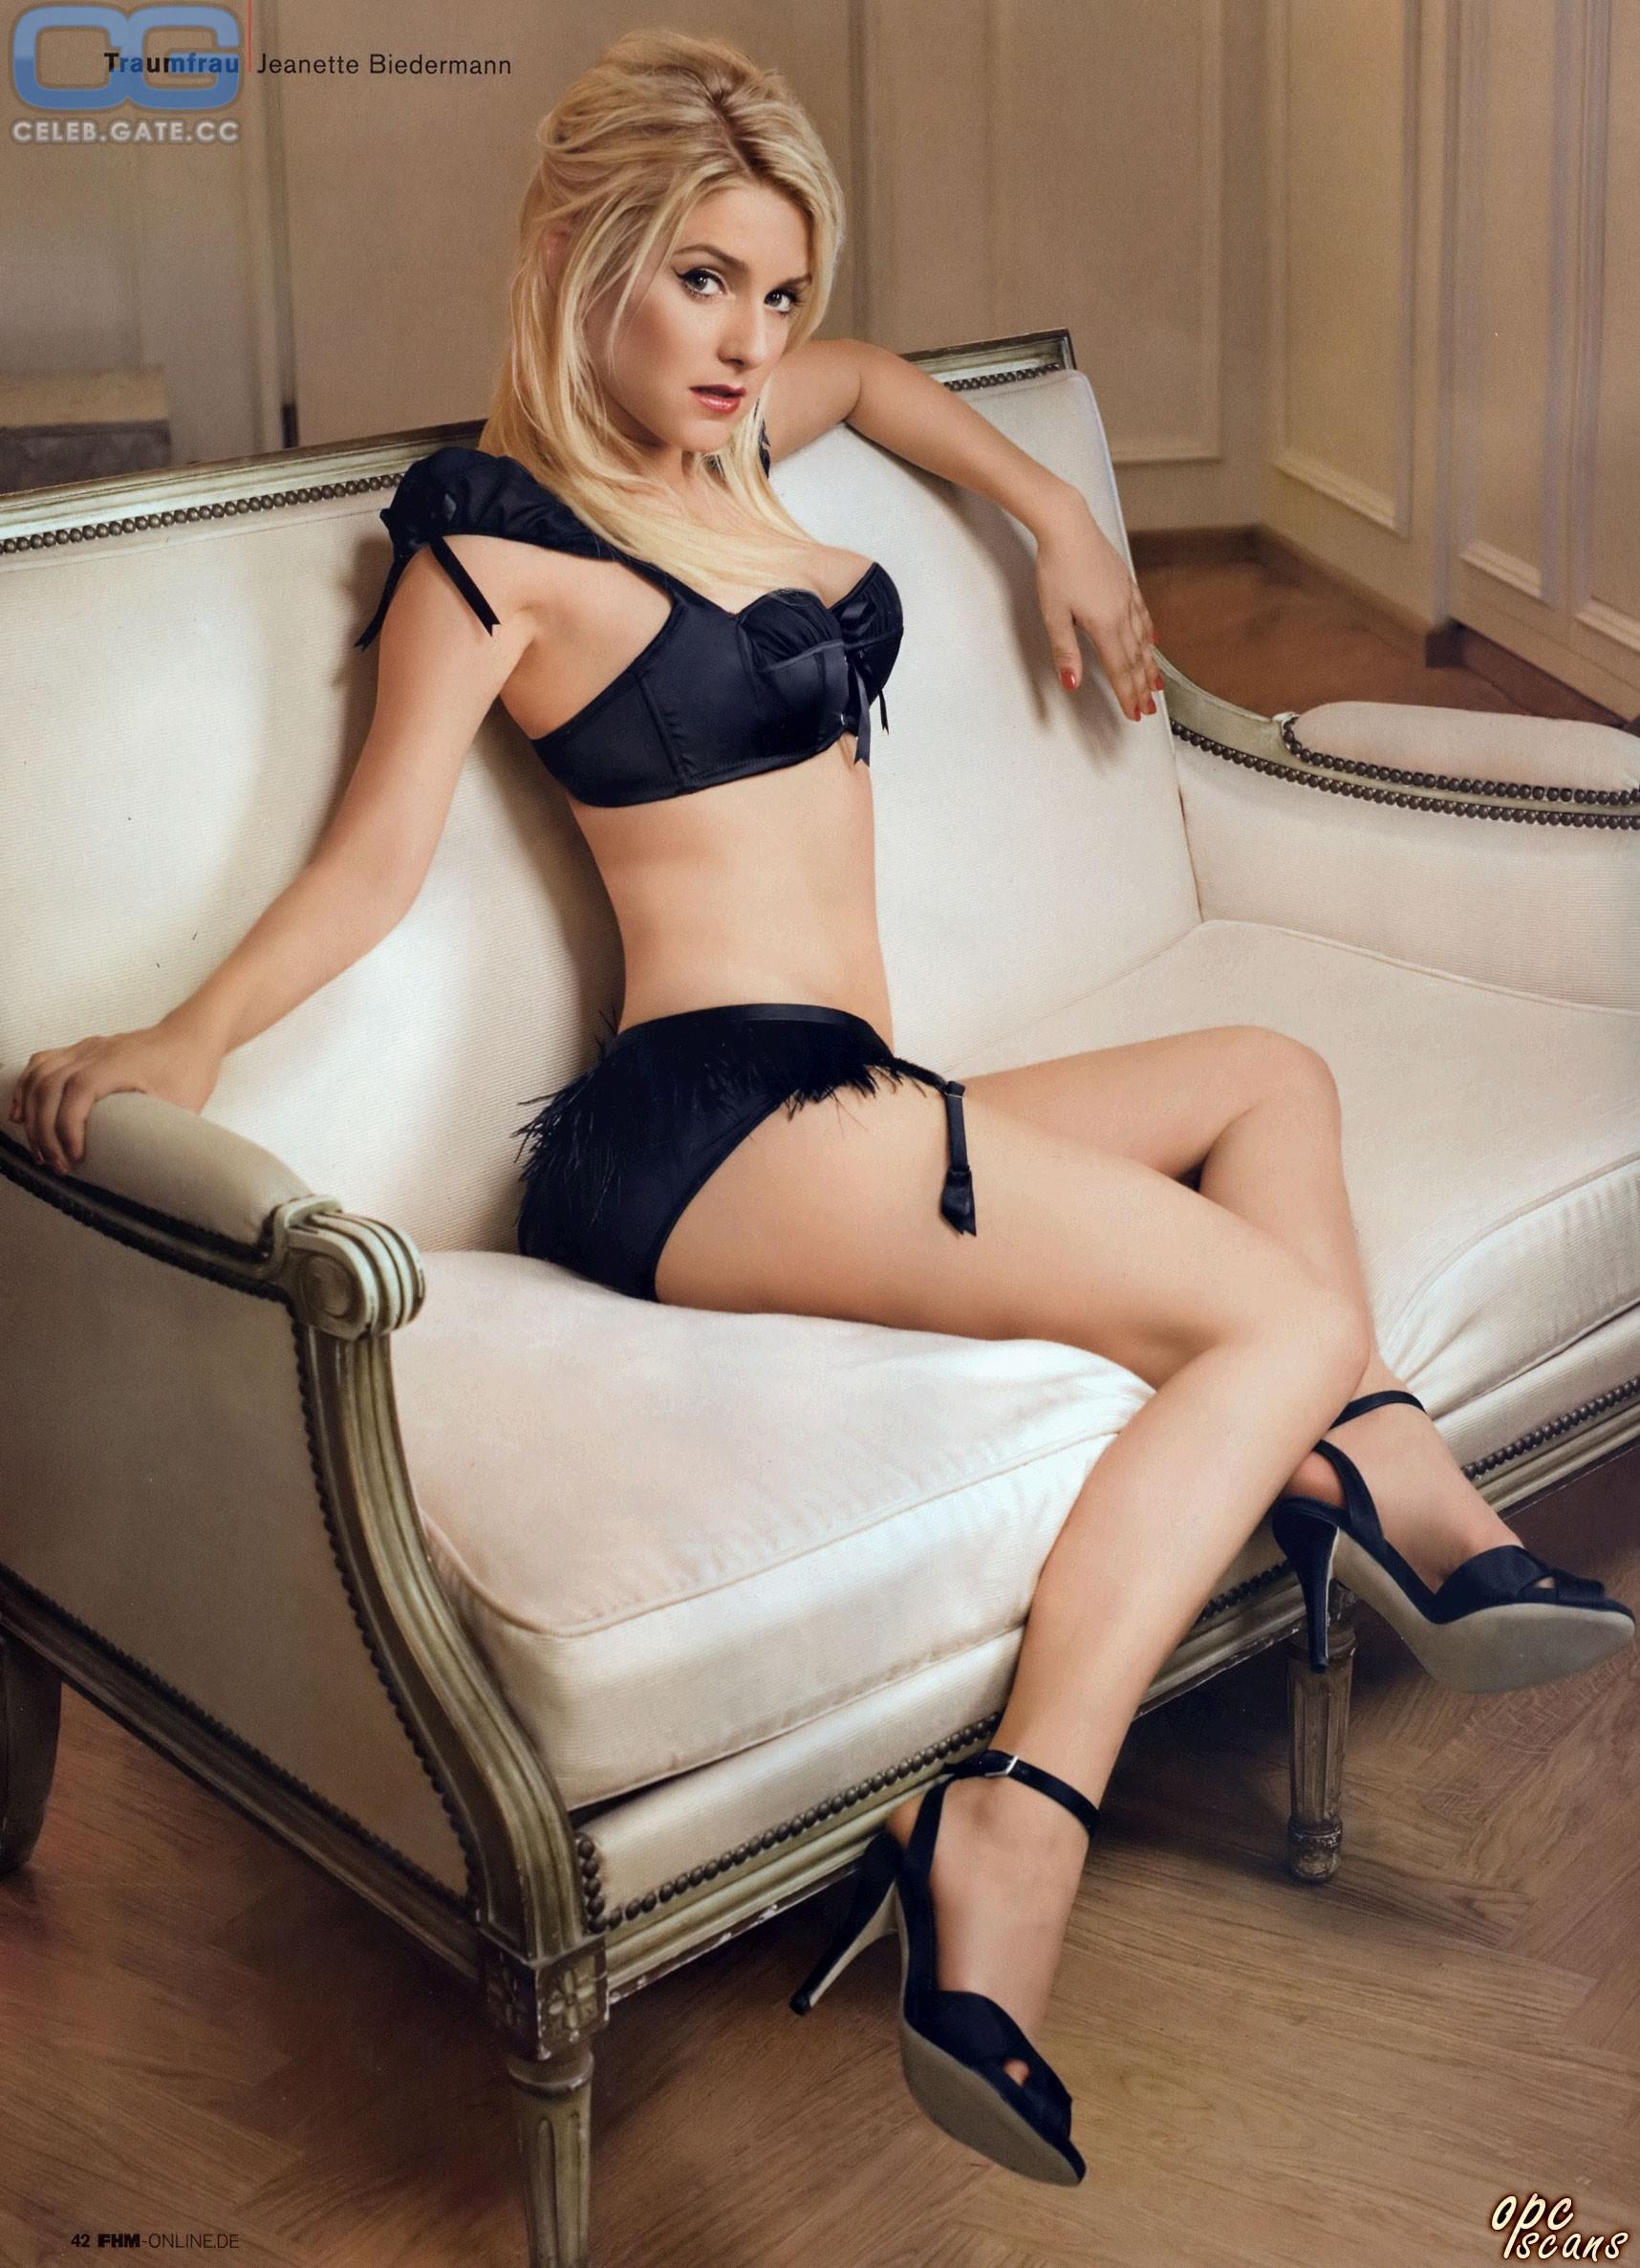 Playboy nackt julia biedermann All Celebs: